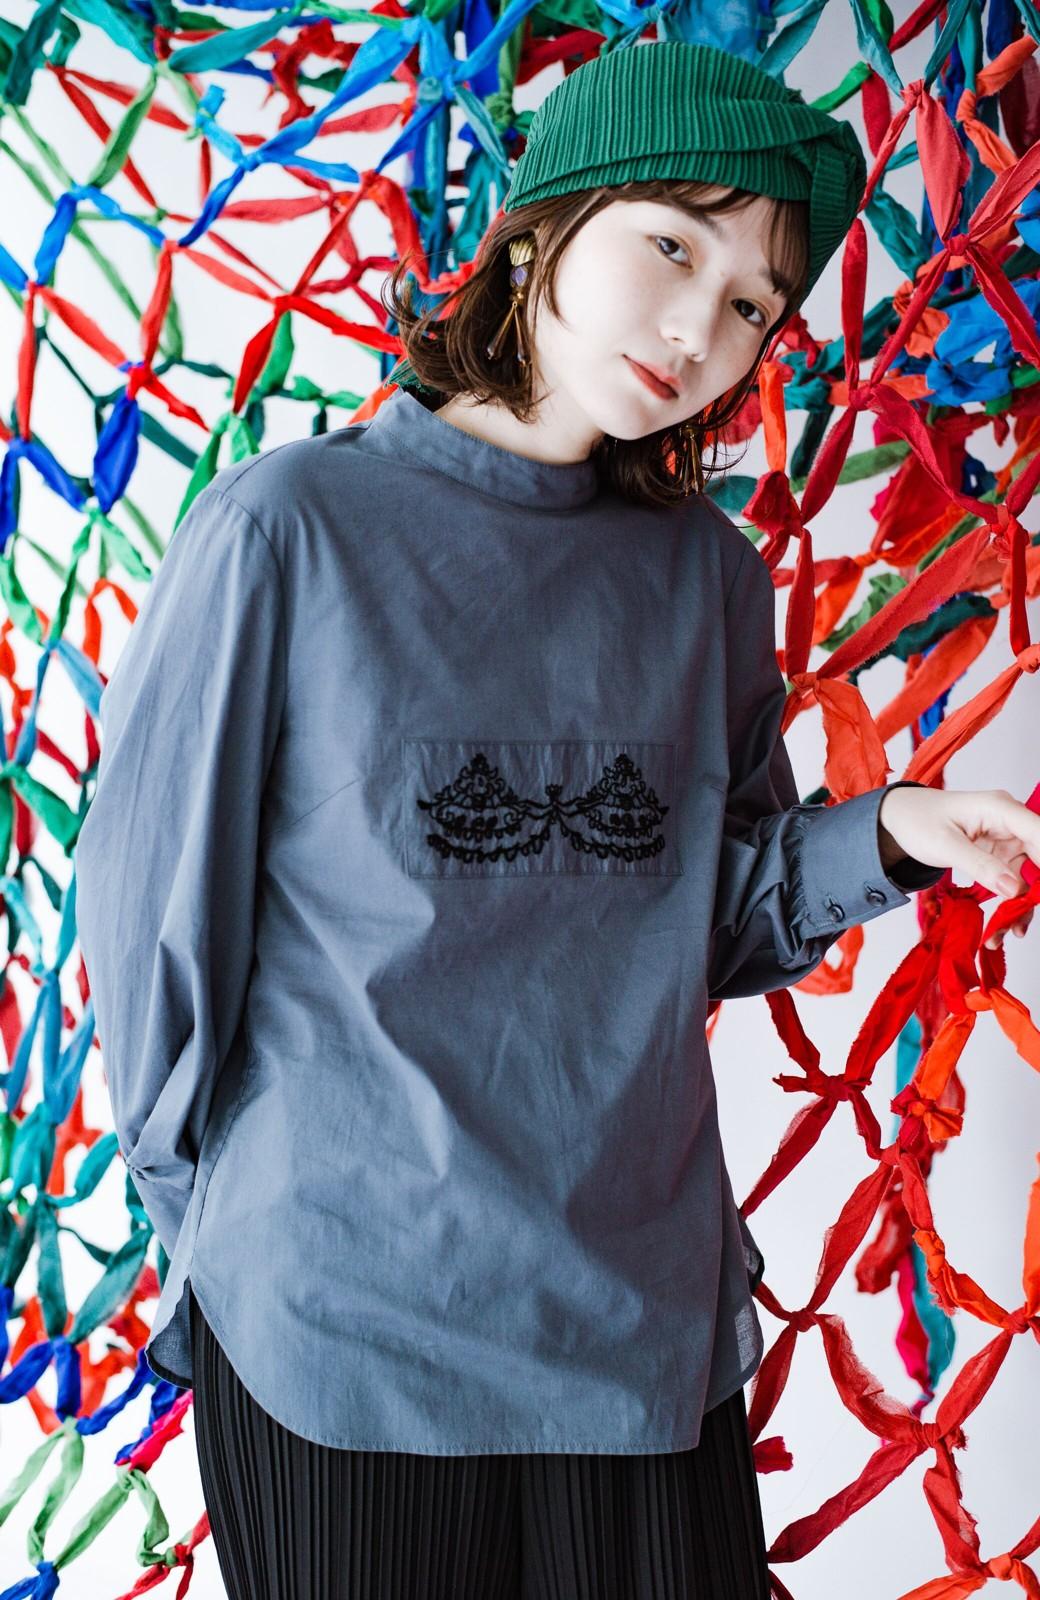 haco! 上品な刺繍がまるでレースのよう オーガニックコットンの袖ぽんわりブラウス from Stitch by Stitch <グレイッシュブルー>の商品写真7